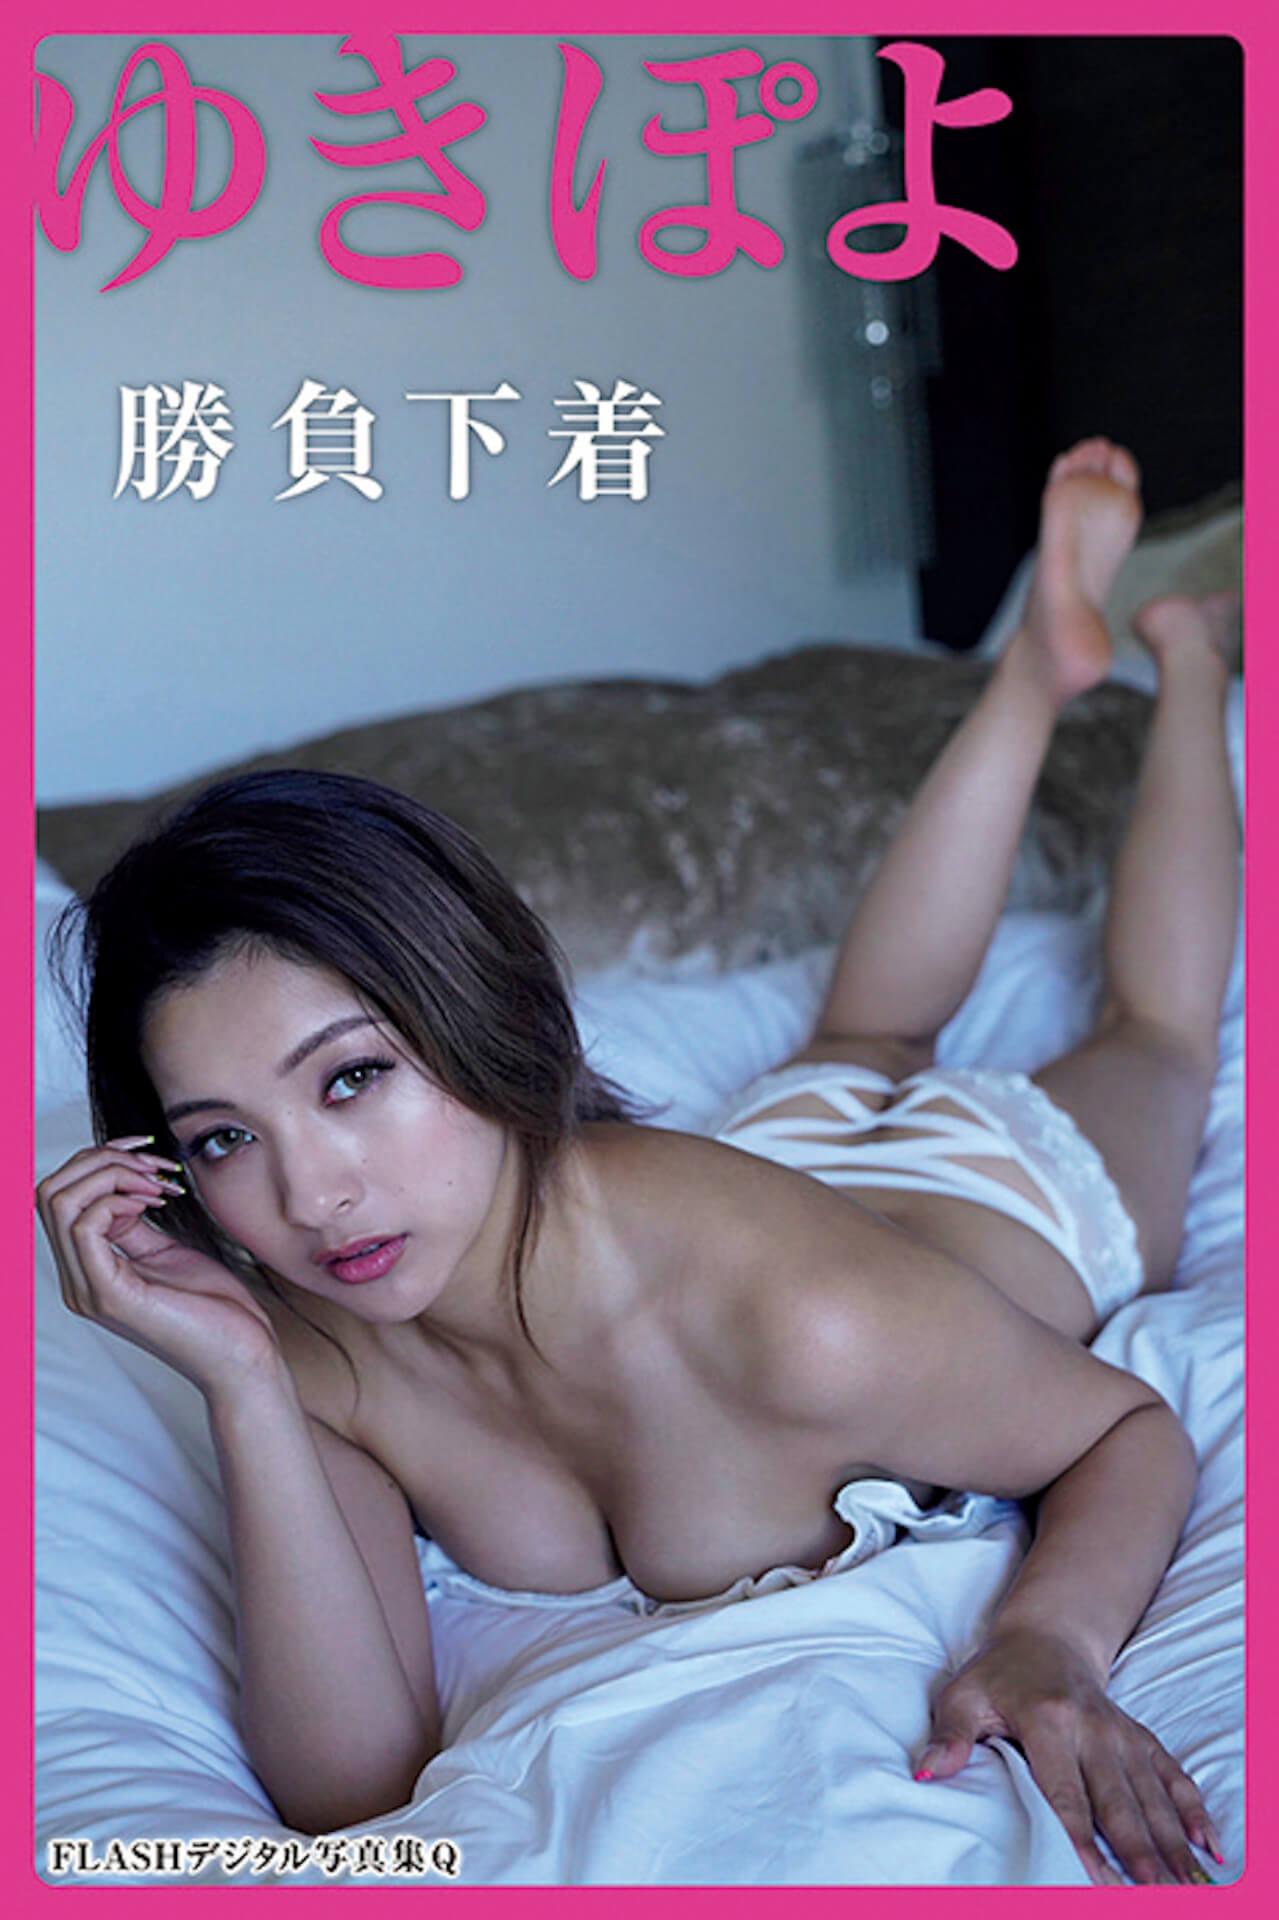 永尾まりやが女子旅でセクシーなランジェリー姿を披露!本日発売の『FLASH』表紙には『あな番』で大ブレイクの奈緒も art200908_flash_7